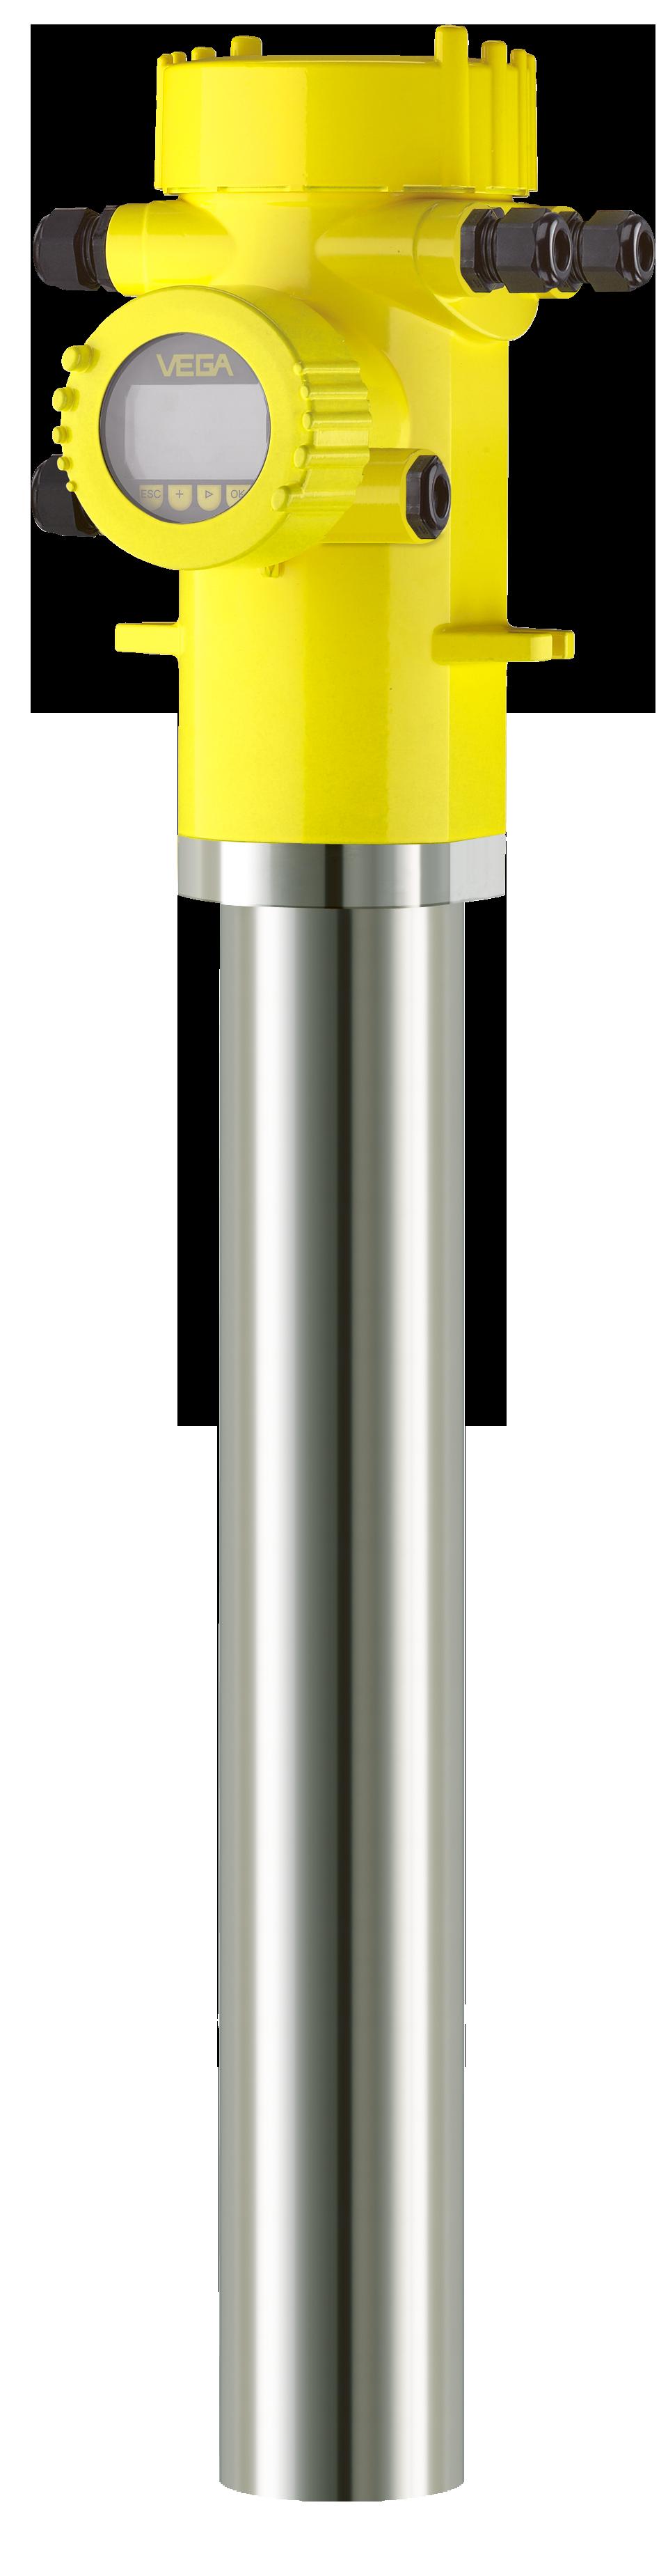 Radiometrischer Sensor zur kontinuierlichen Fuellstandmessung SOLITRAC31